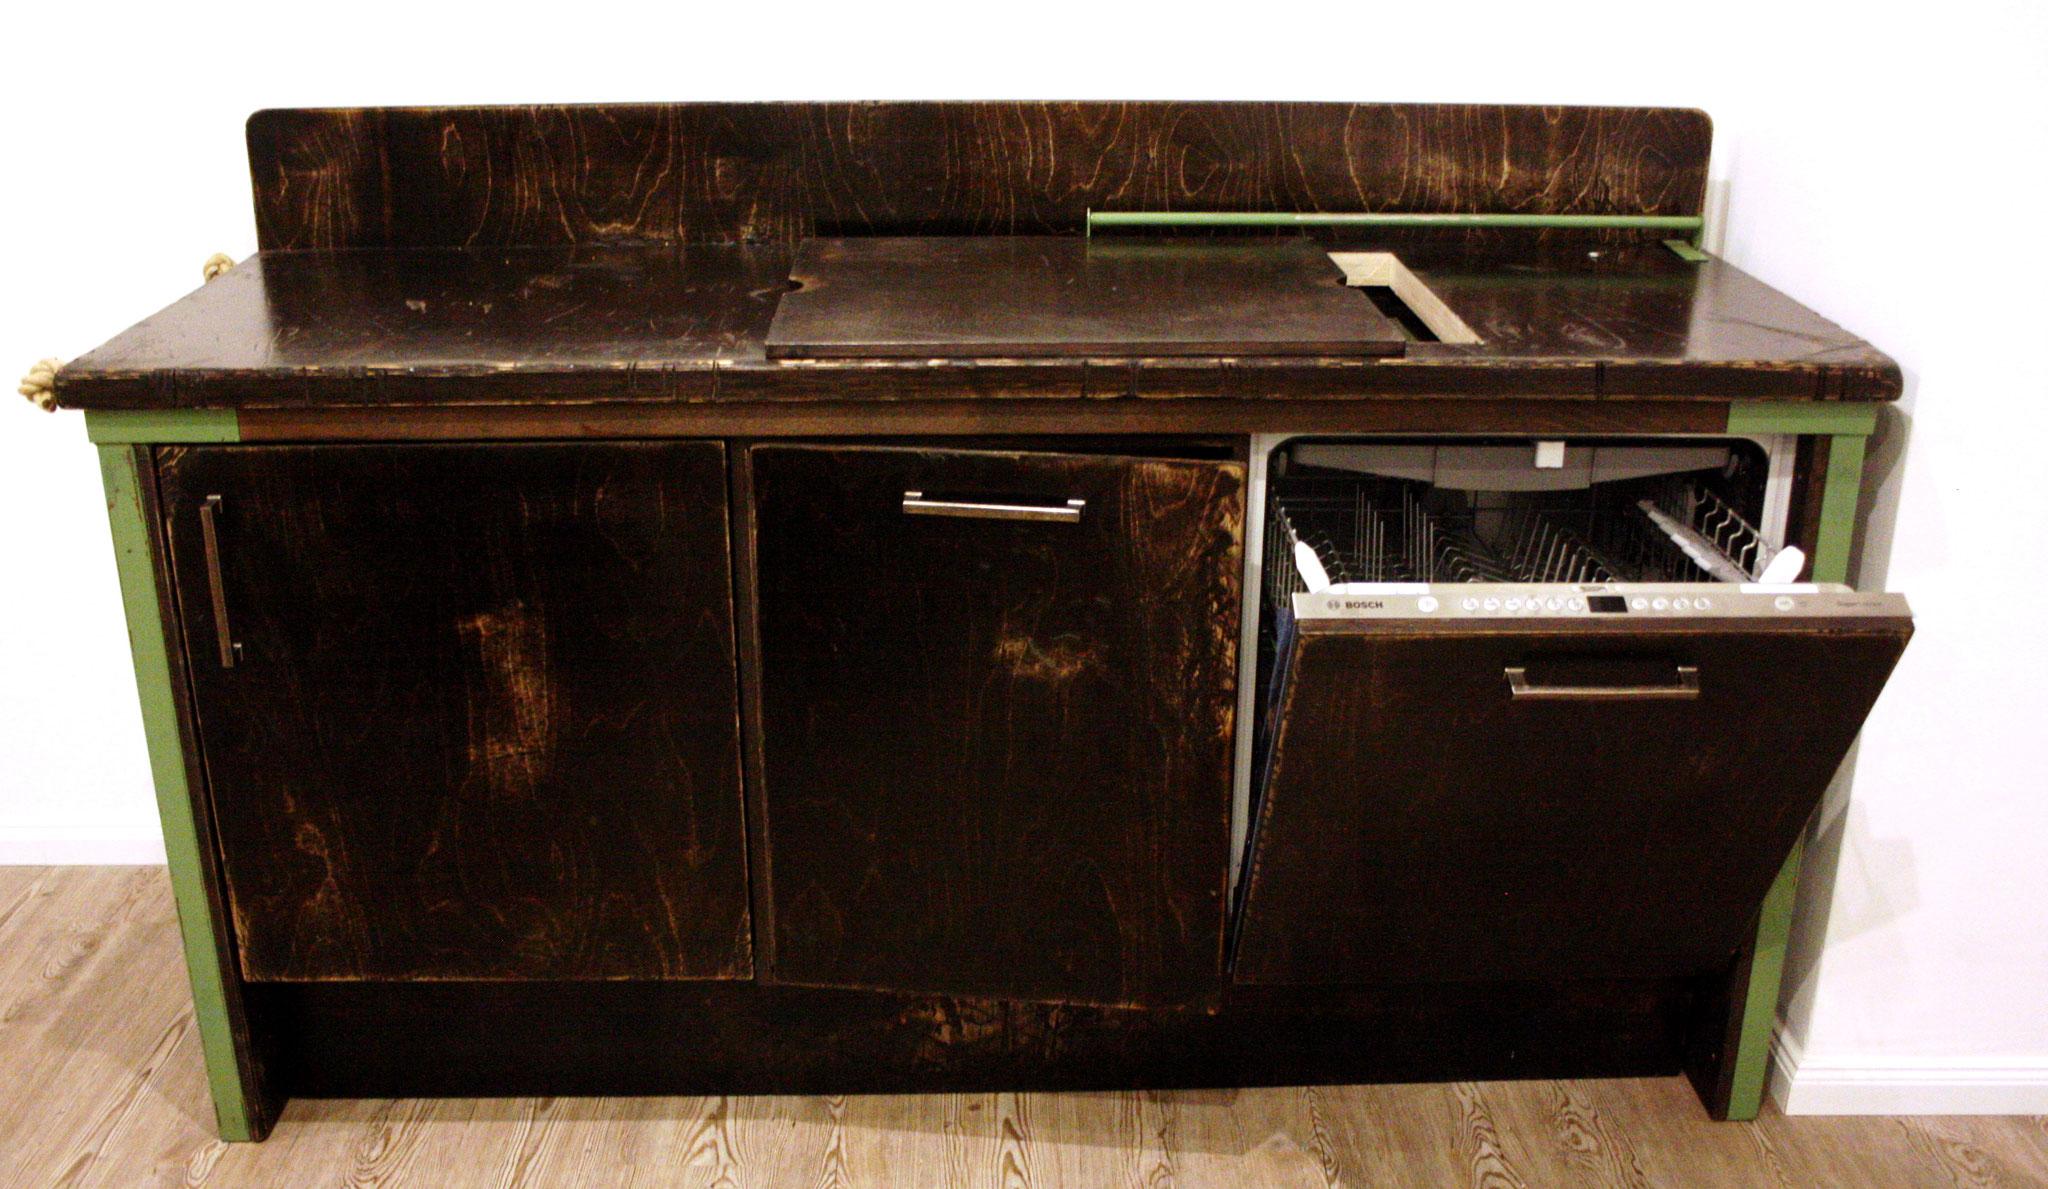 Küchenzeile mit Spülmaschine, Waschbecken ud Kühlschrank